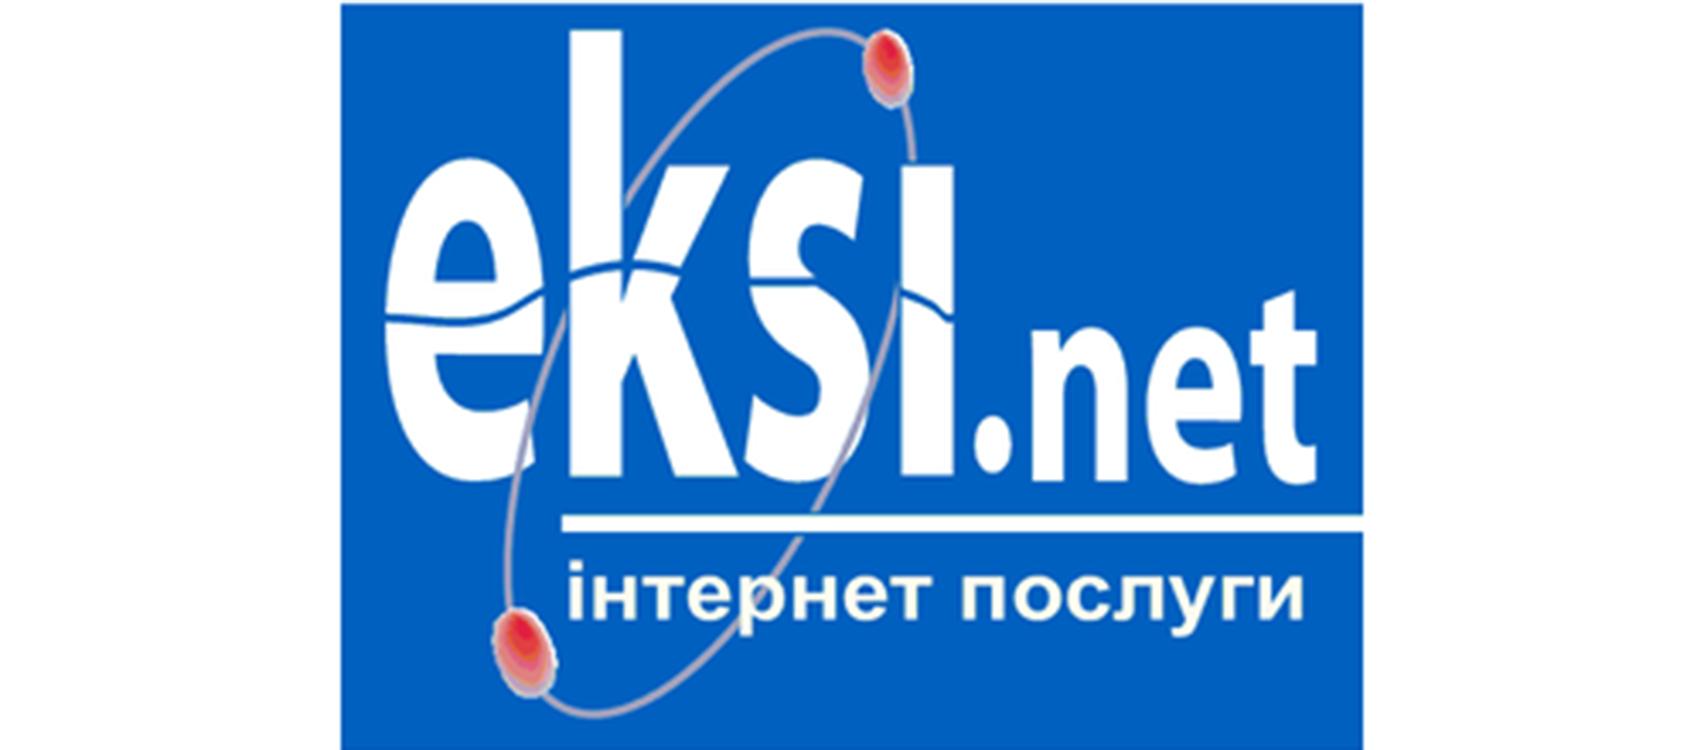 Eksi.net